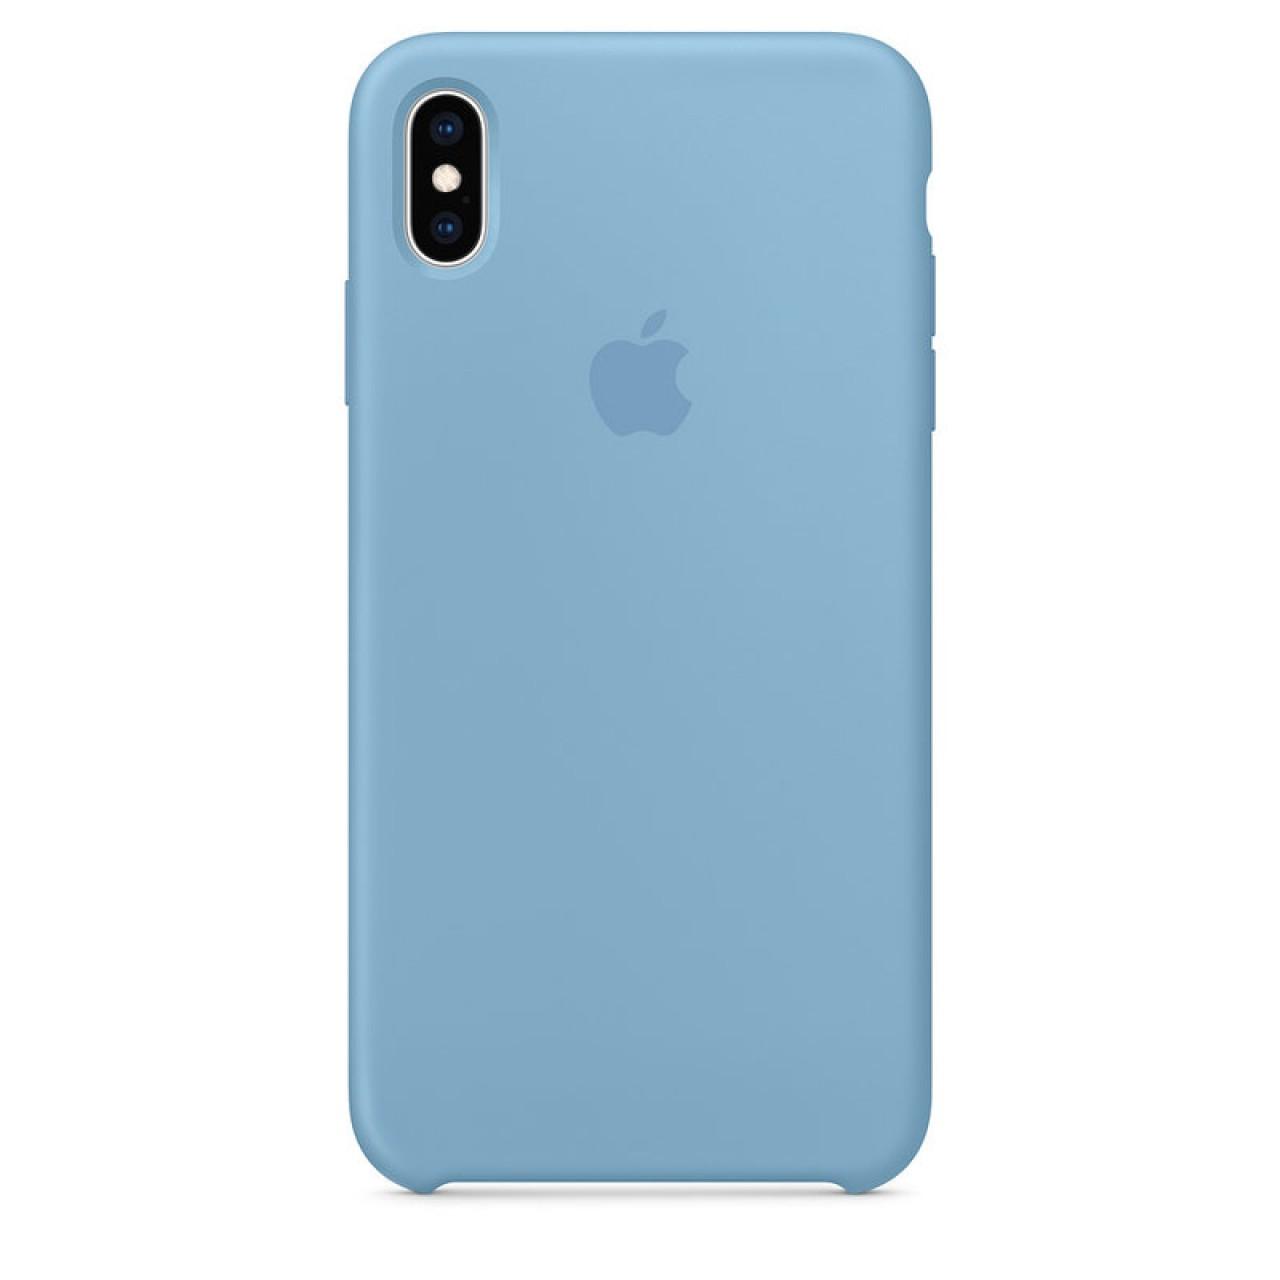 ΘΗΚΗ ΠΡΟΣΤΑΣΙΑΣ ΣΙΛΙΚΟΝΗΣ ΓΙΑ iPhone XS MAX ΜΠΛΕ ΠΑΣΤΕΛ - BACK COVER SILICON CASE DENIM BLUE - OEM